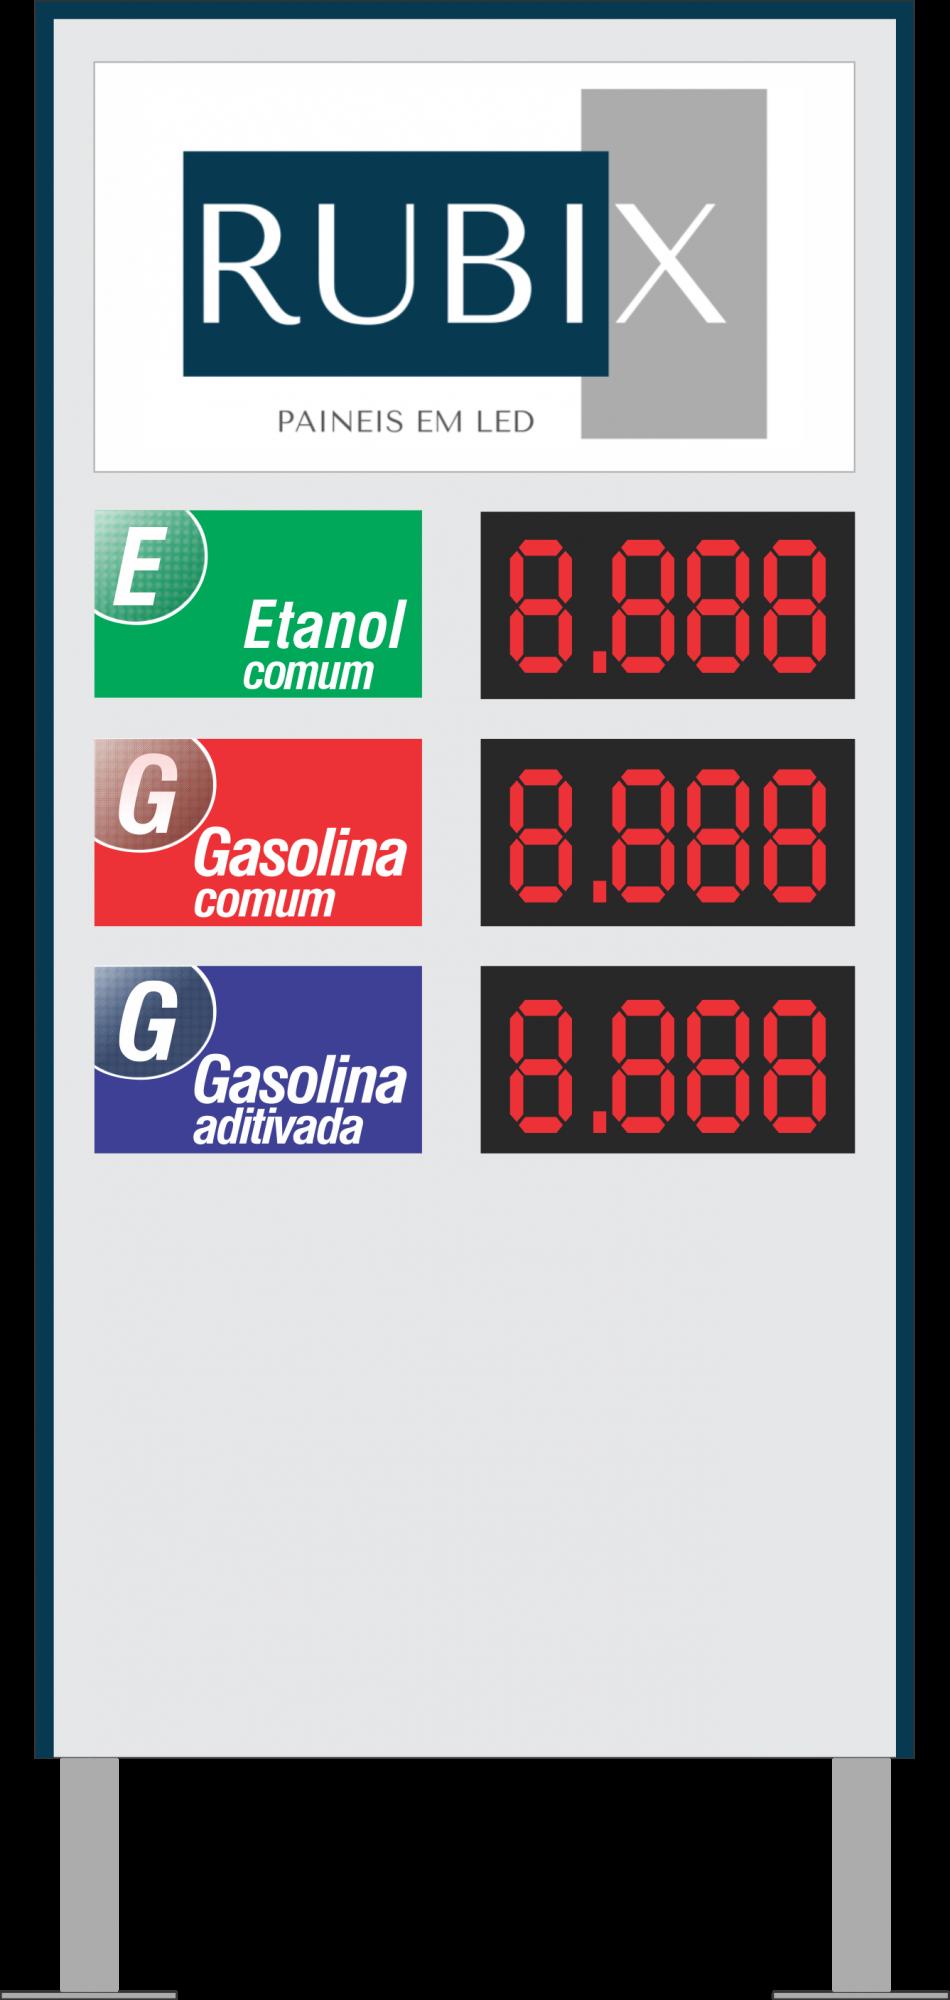 Placa eletrônica de led 3 produtos face unica para posto de combustíveis